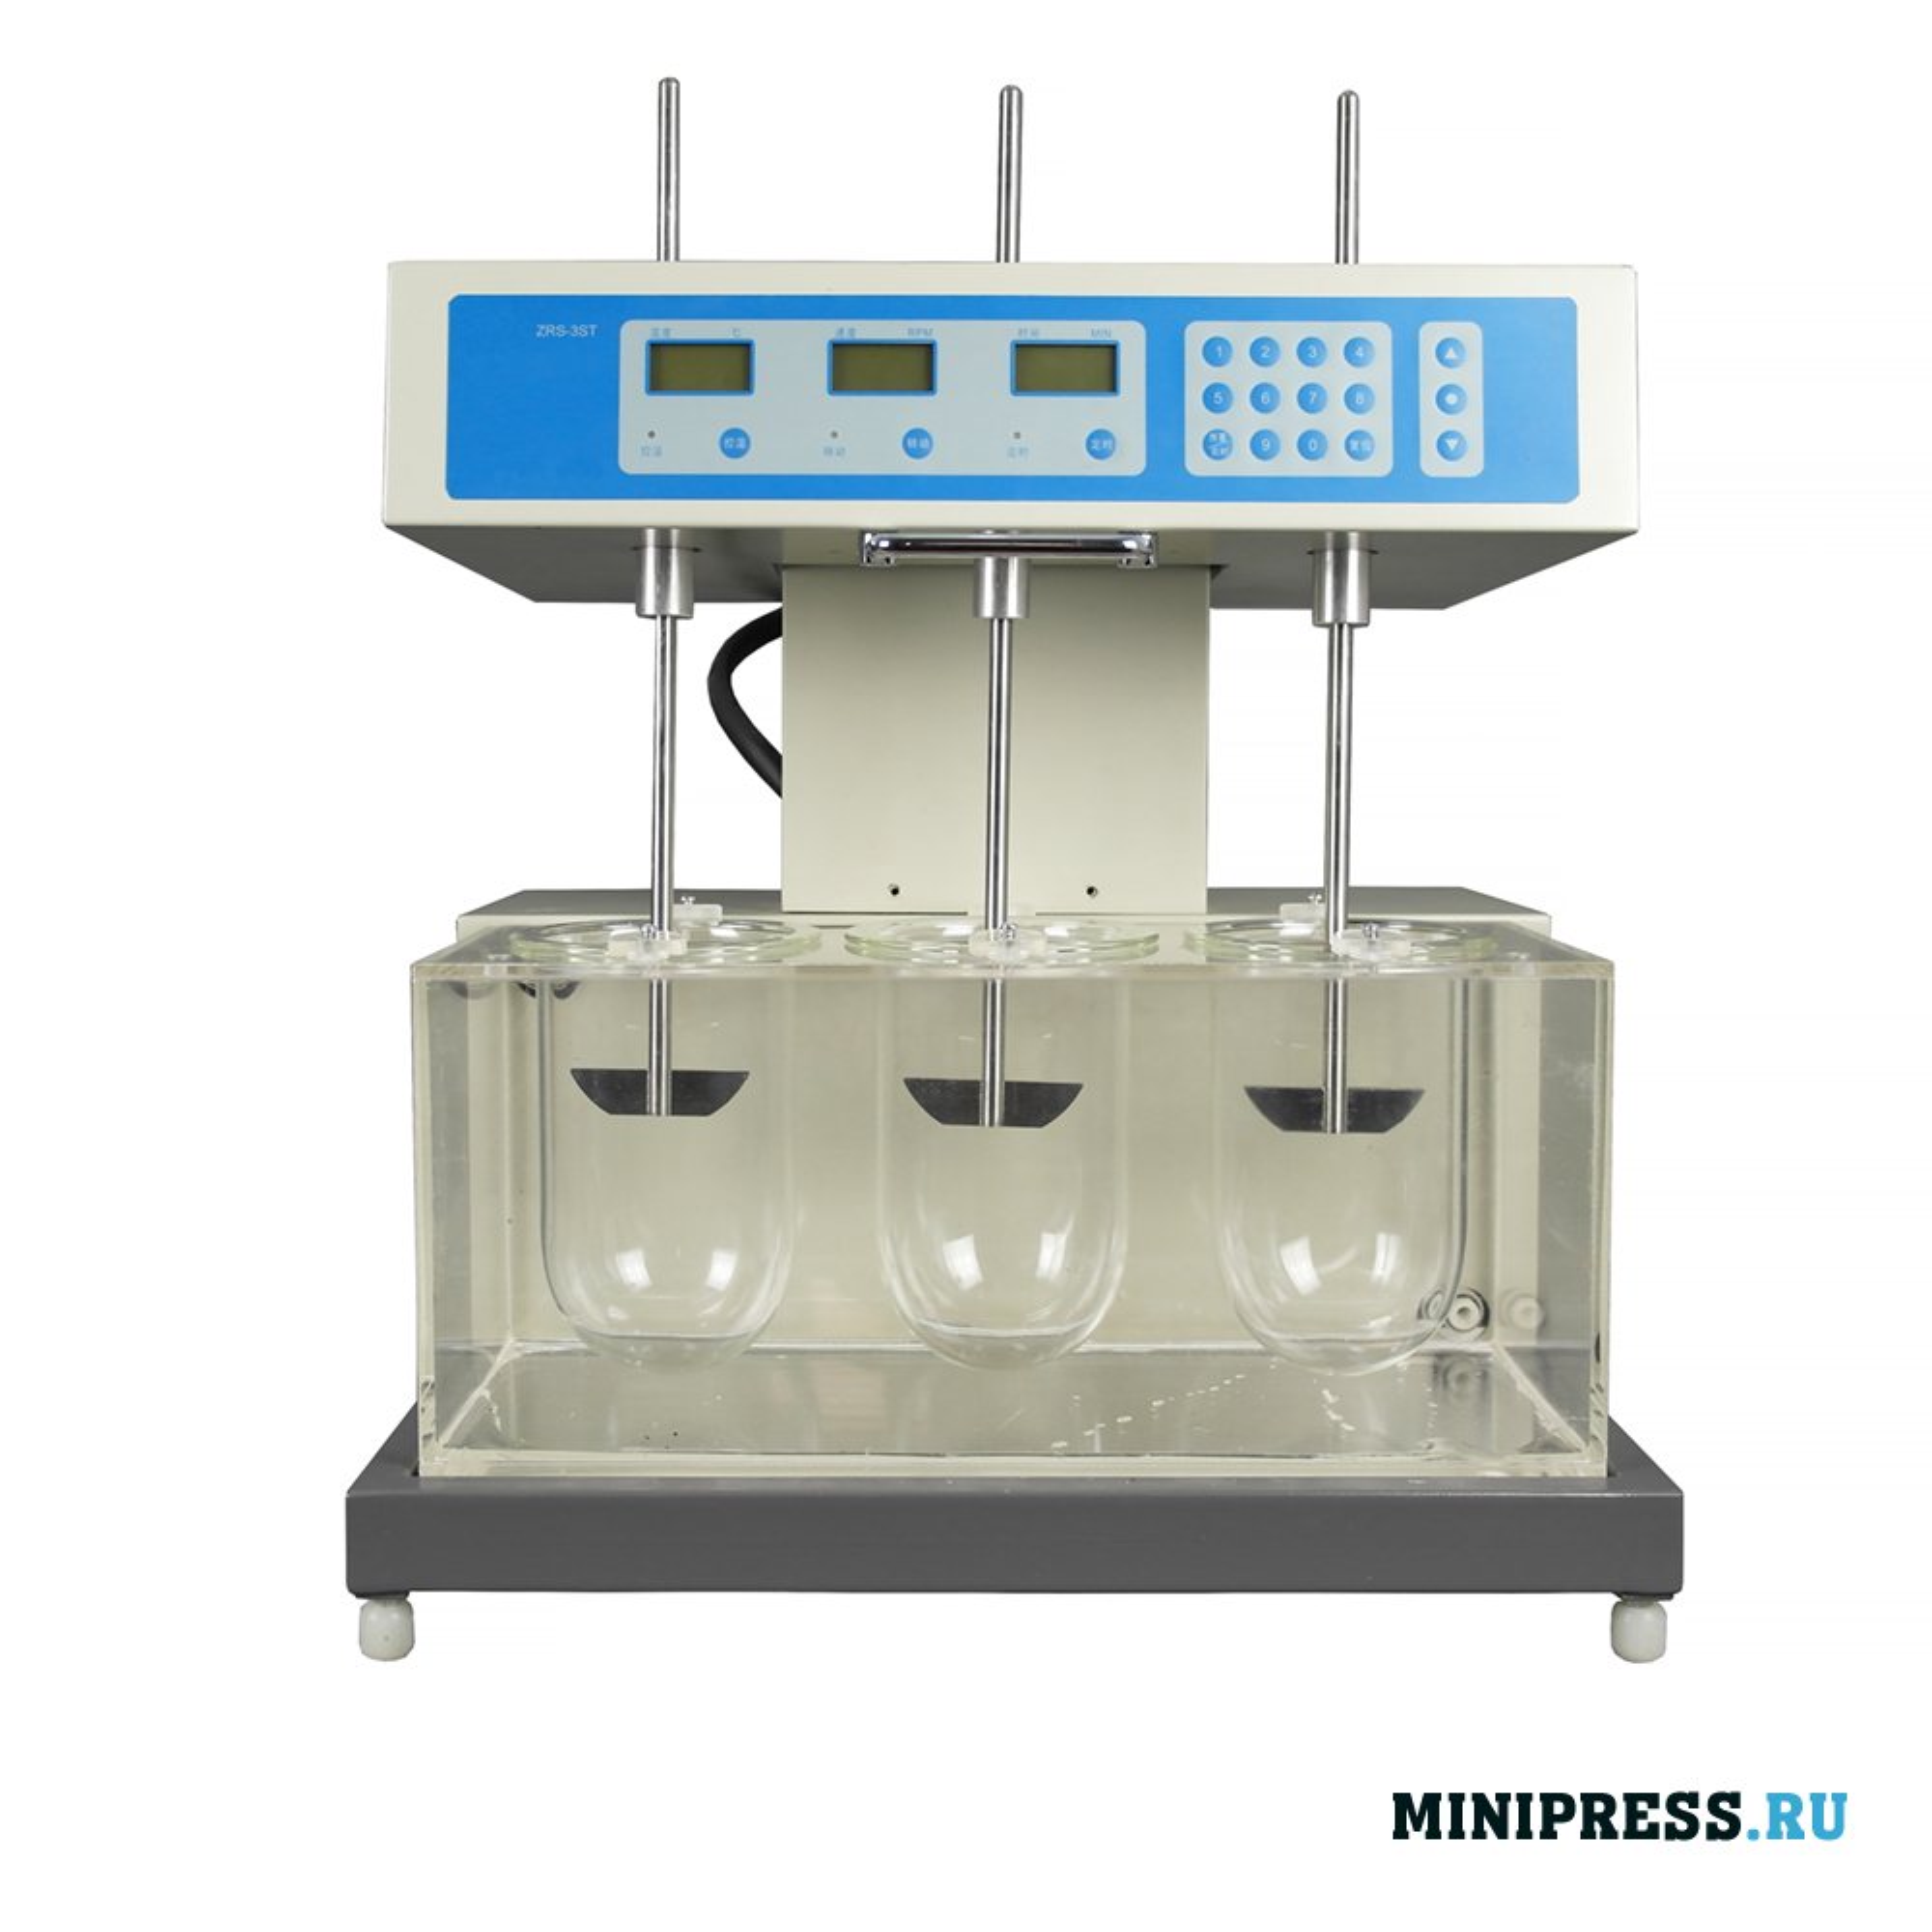 Анализатор растворения для измерения скорости и степени растворения таблеток и желатиновых капсул